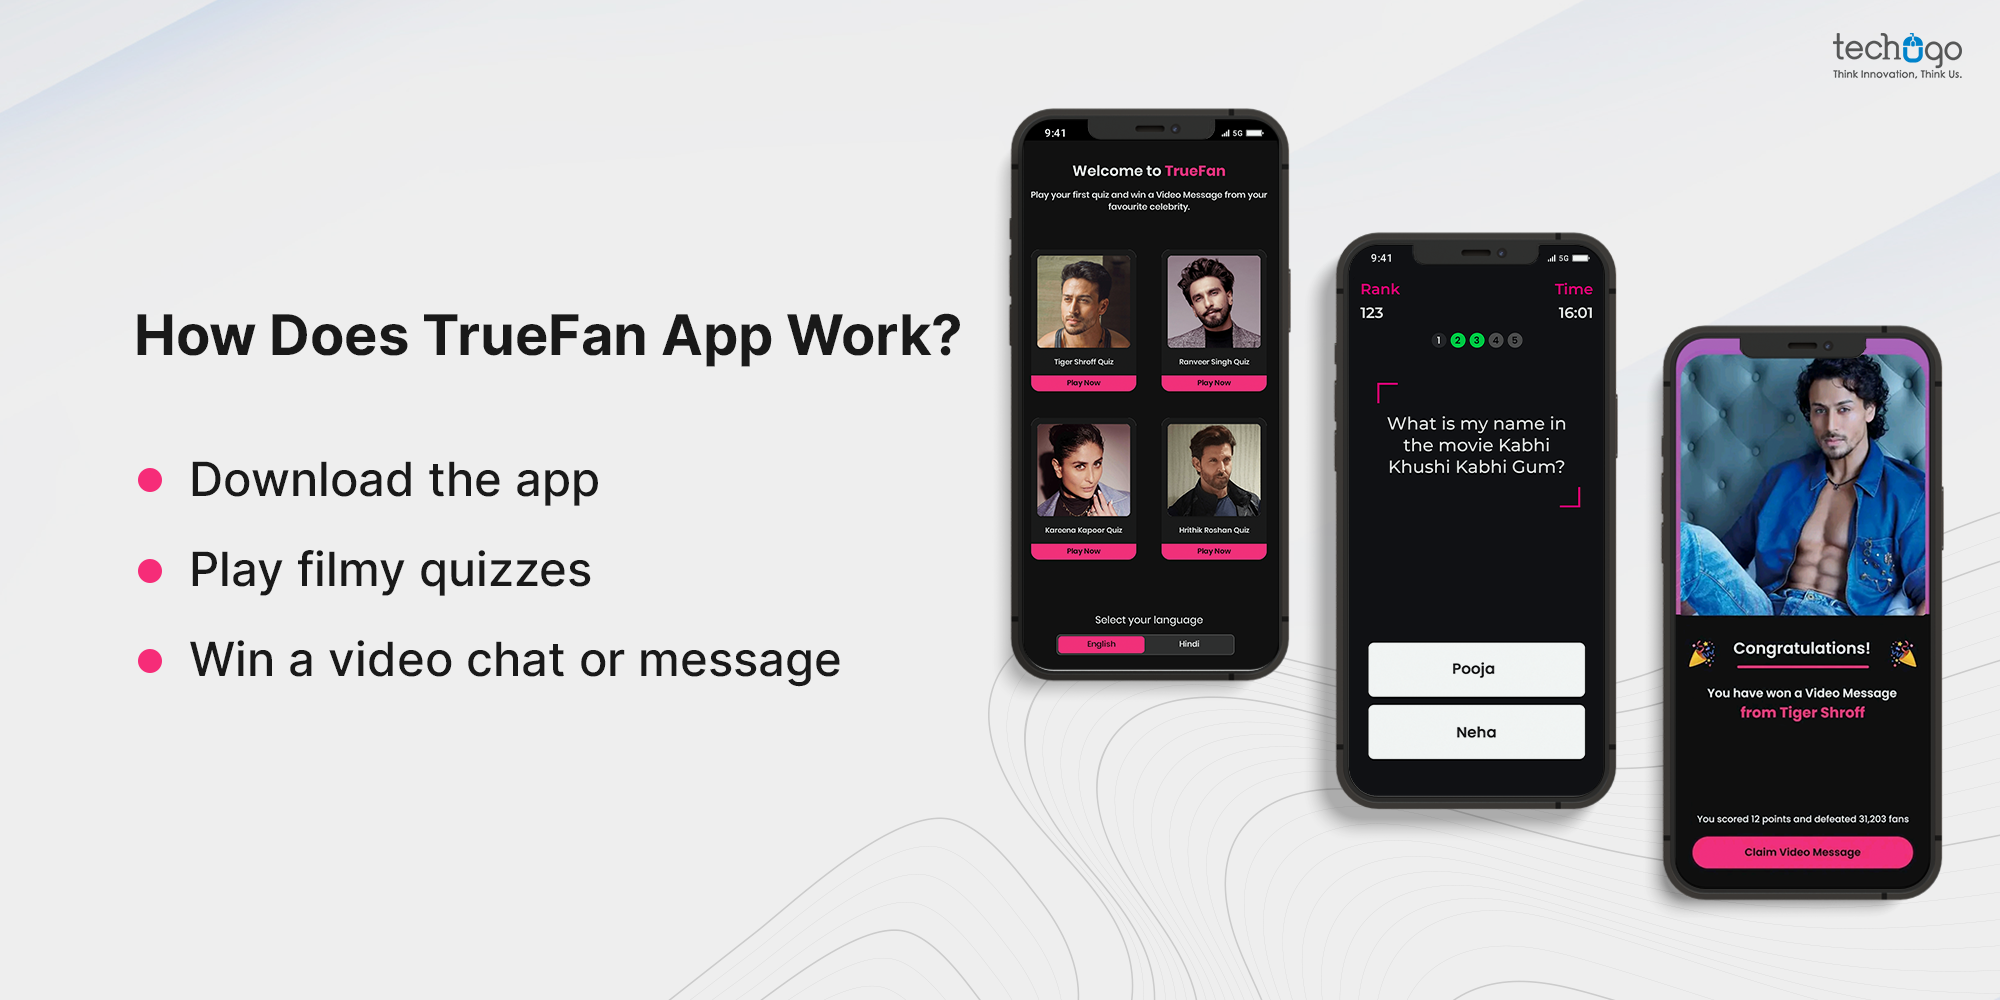 How Does TrueFan App Work?